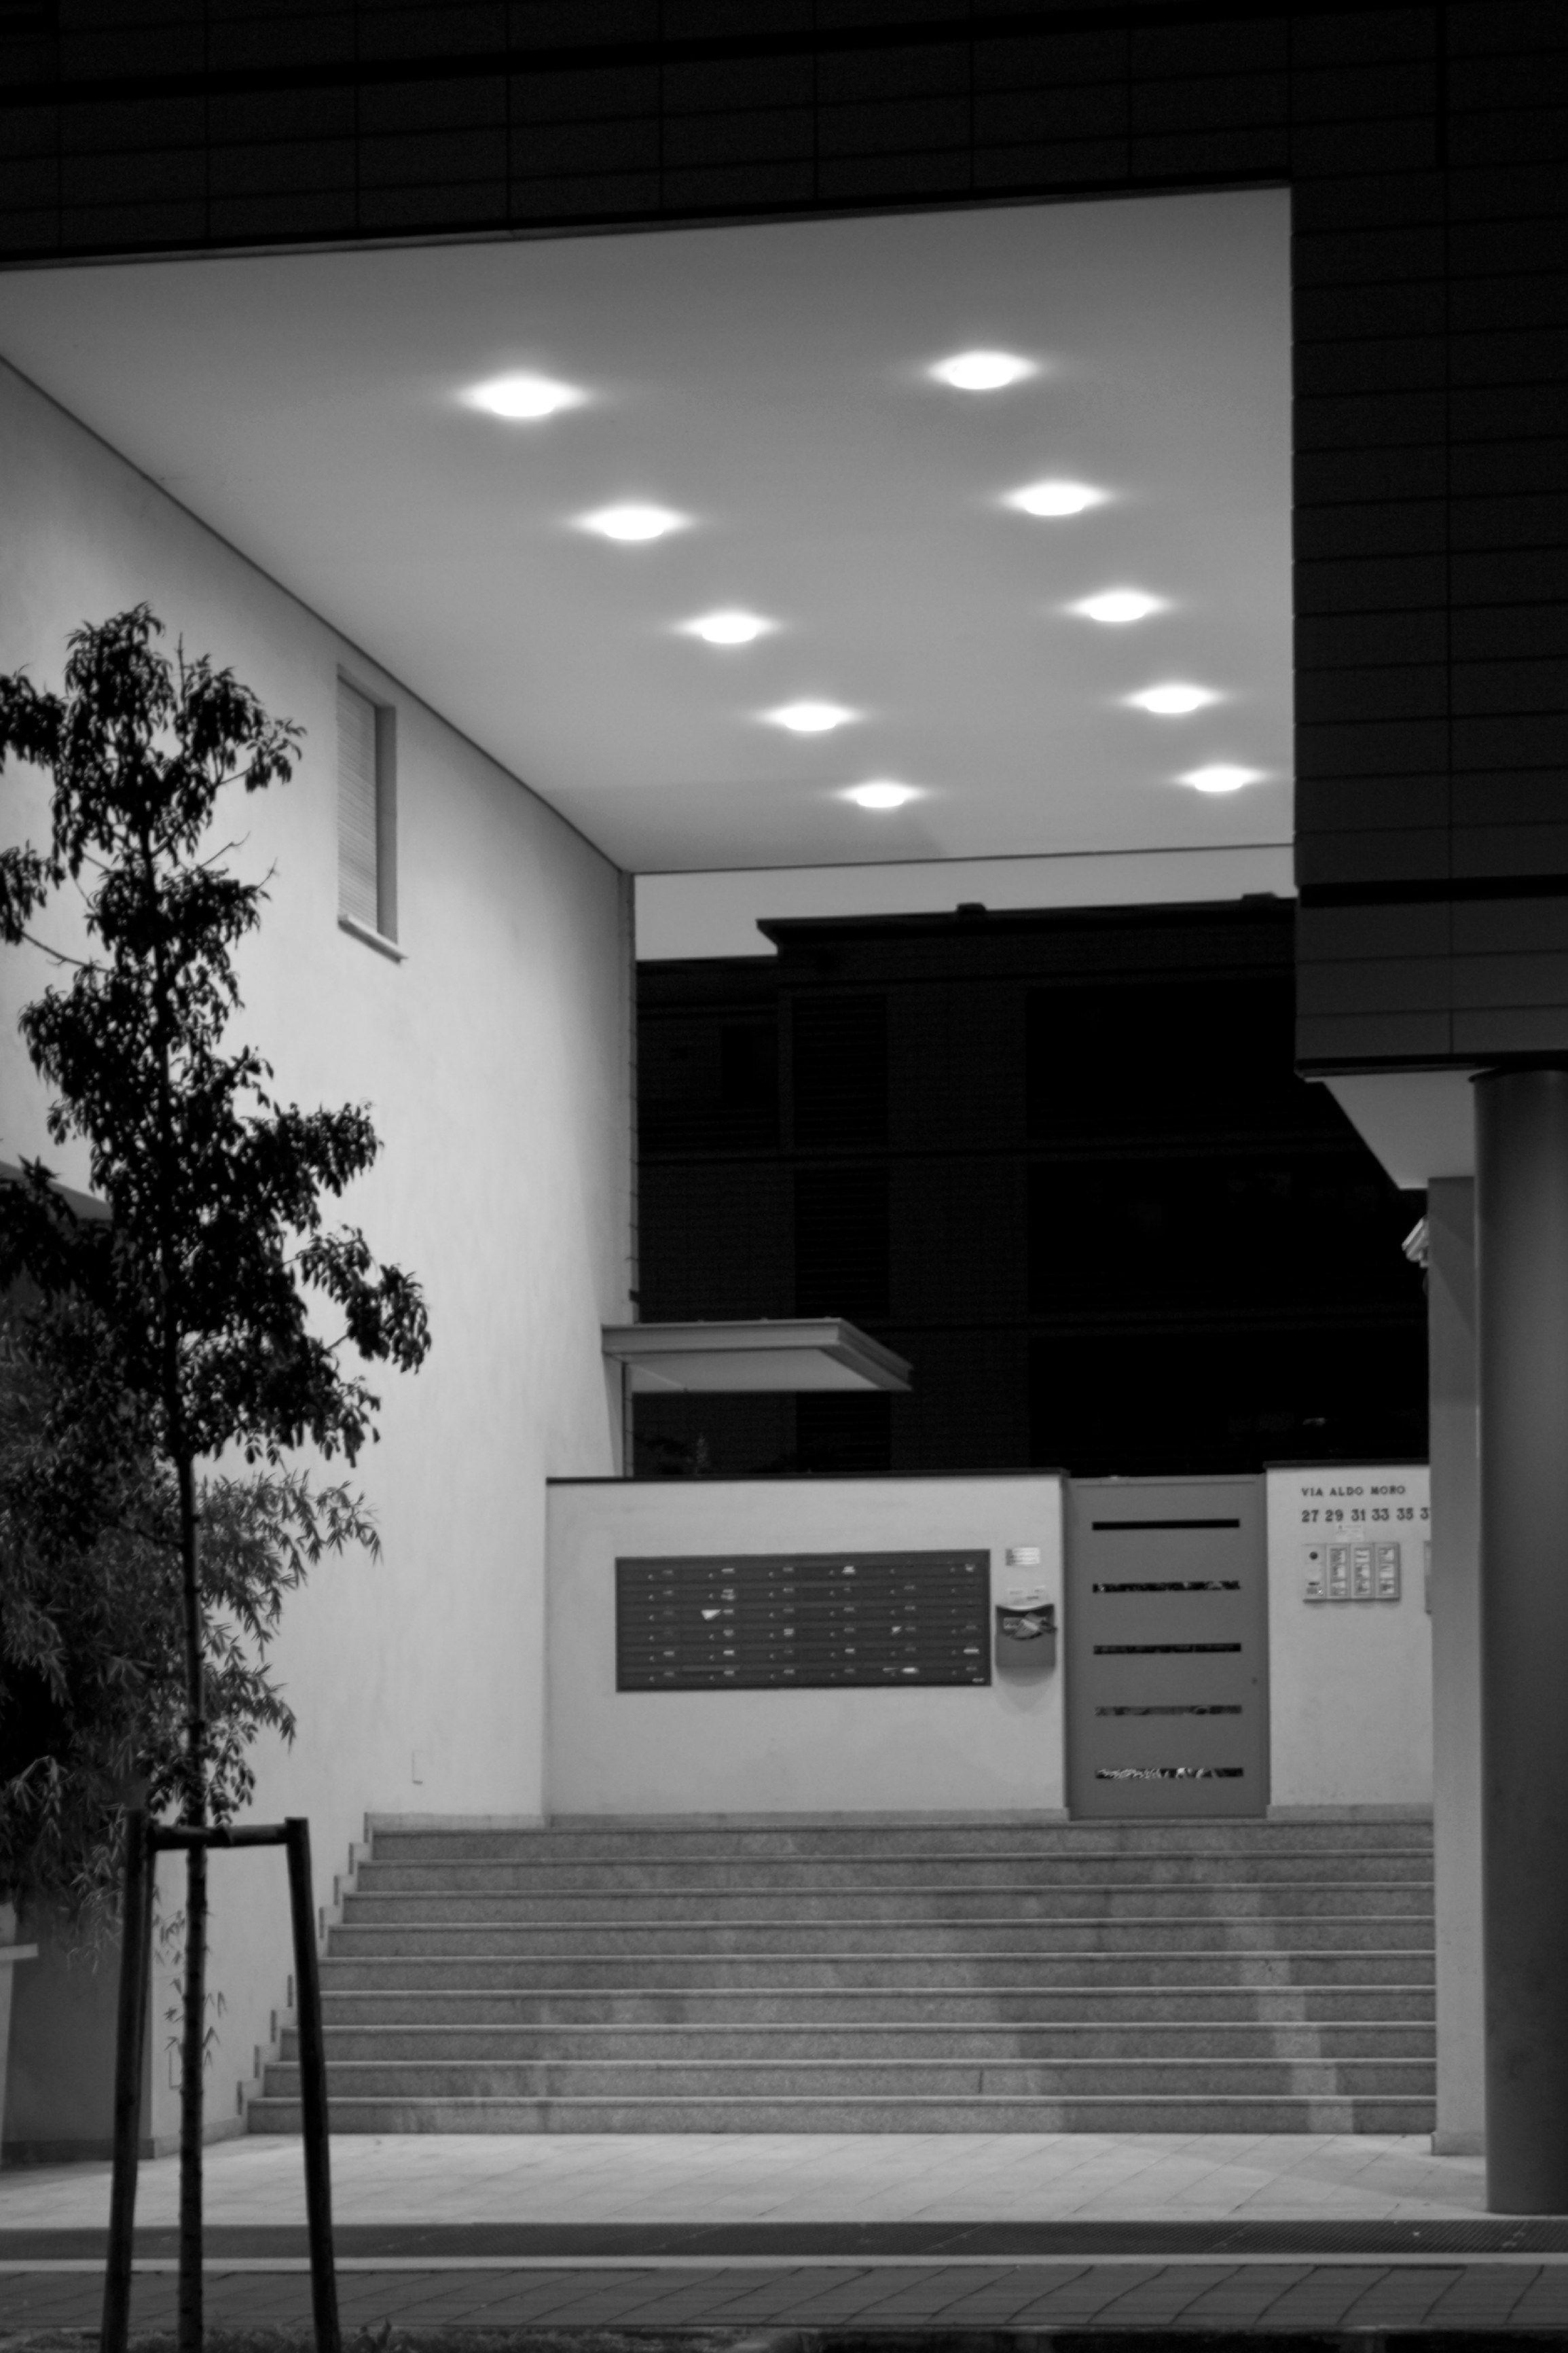 2100 INCASSO A SOFFITTO Illuminazione da incasso per spazi pubblici by Platek